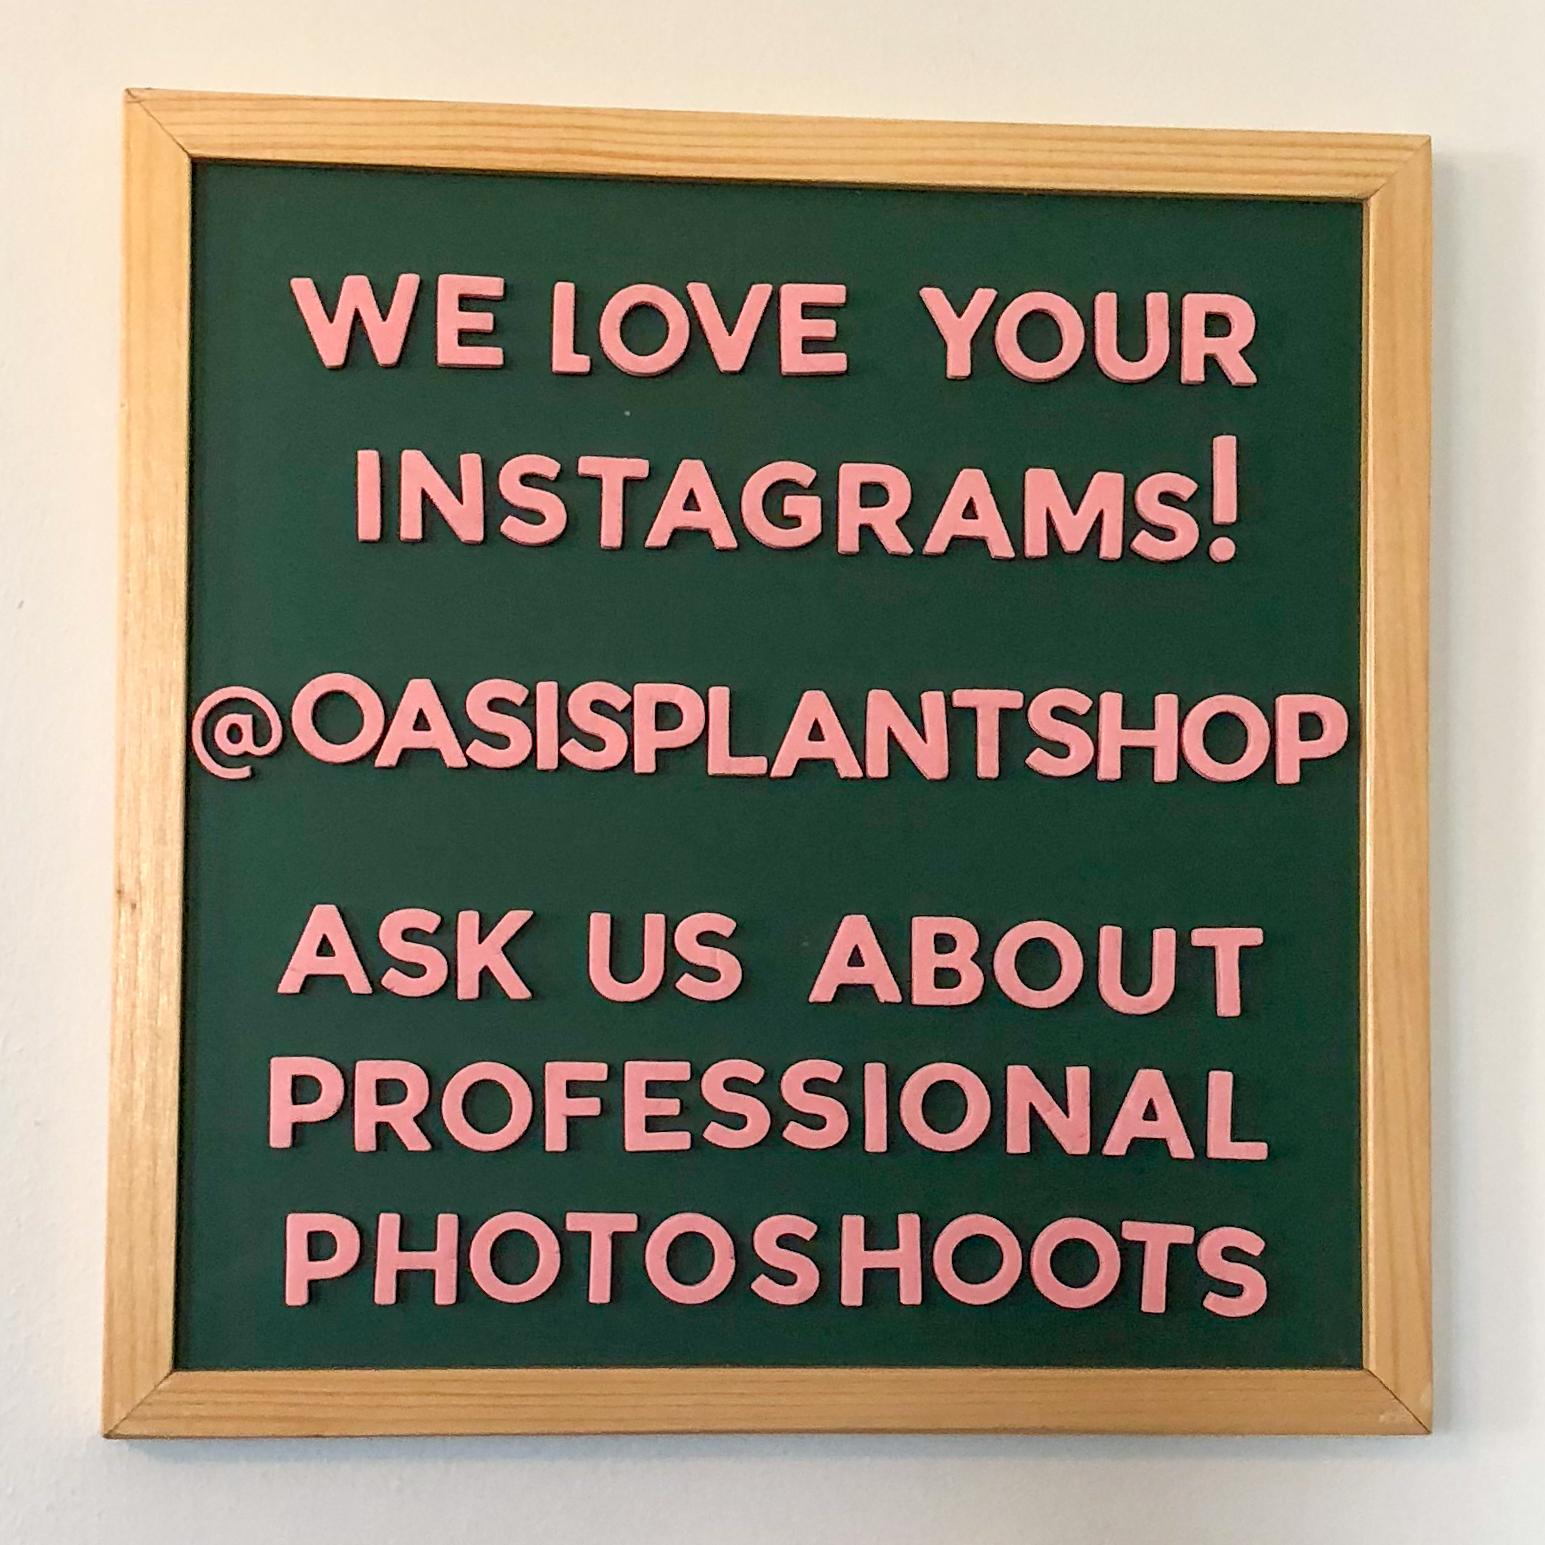 Oasis Plant Shop